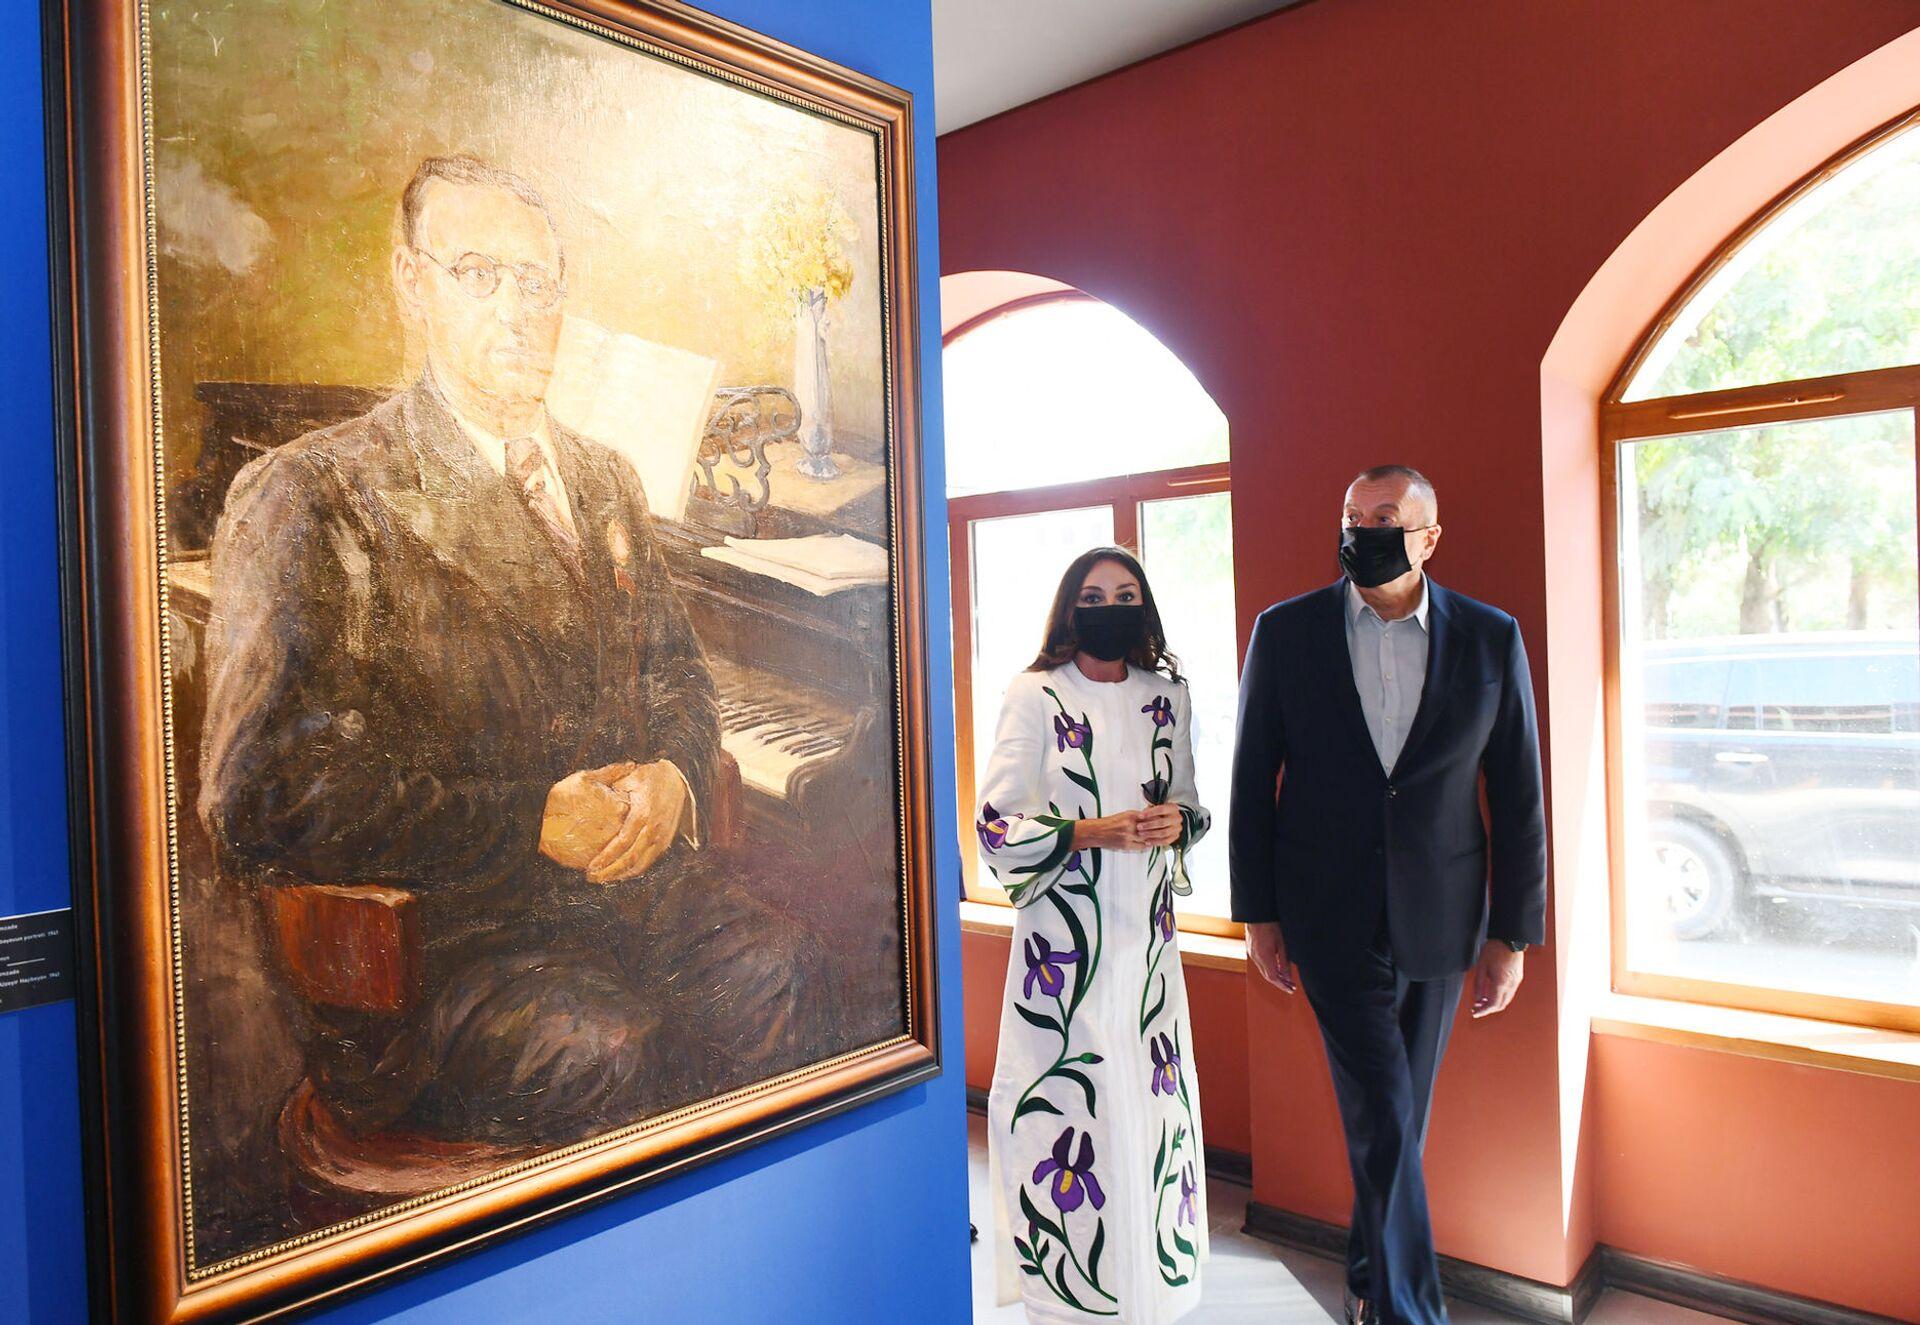 İlham Əliyev və birinci xanım Mehriban Əliyeva Heydər Əliyev Fondu tərəfindən Şuşada təşkil edilən sərgilərlə tanış olublar - Sputnik Азербайджан, 1920, 01.10.2021